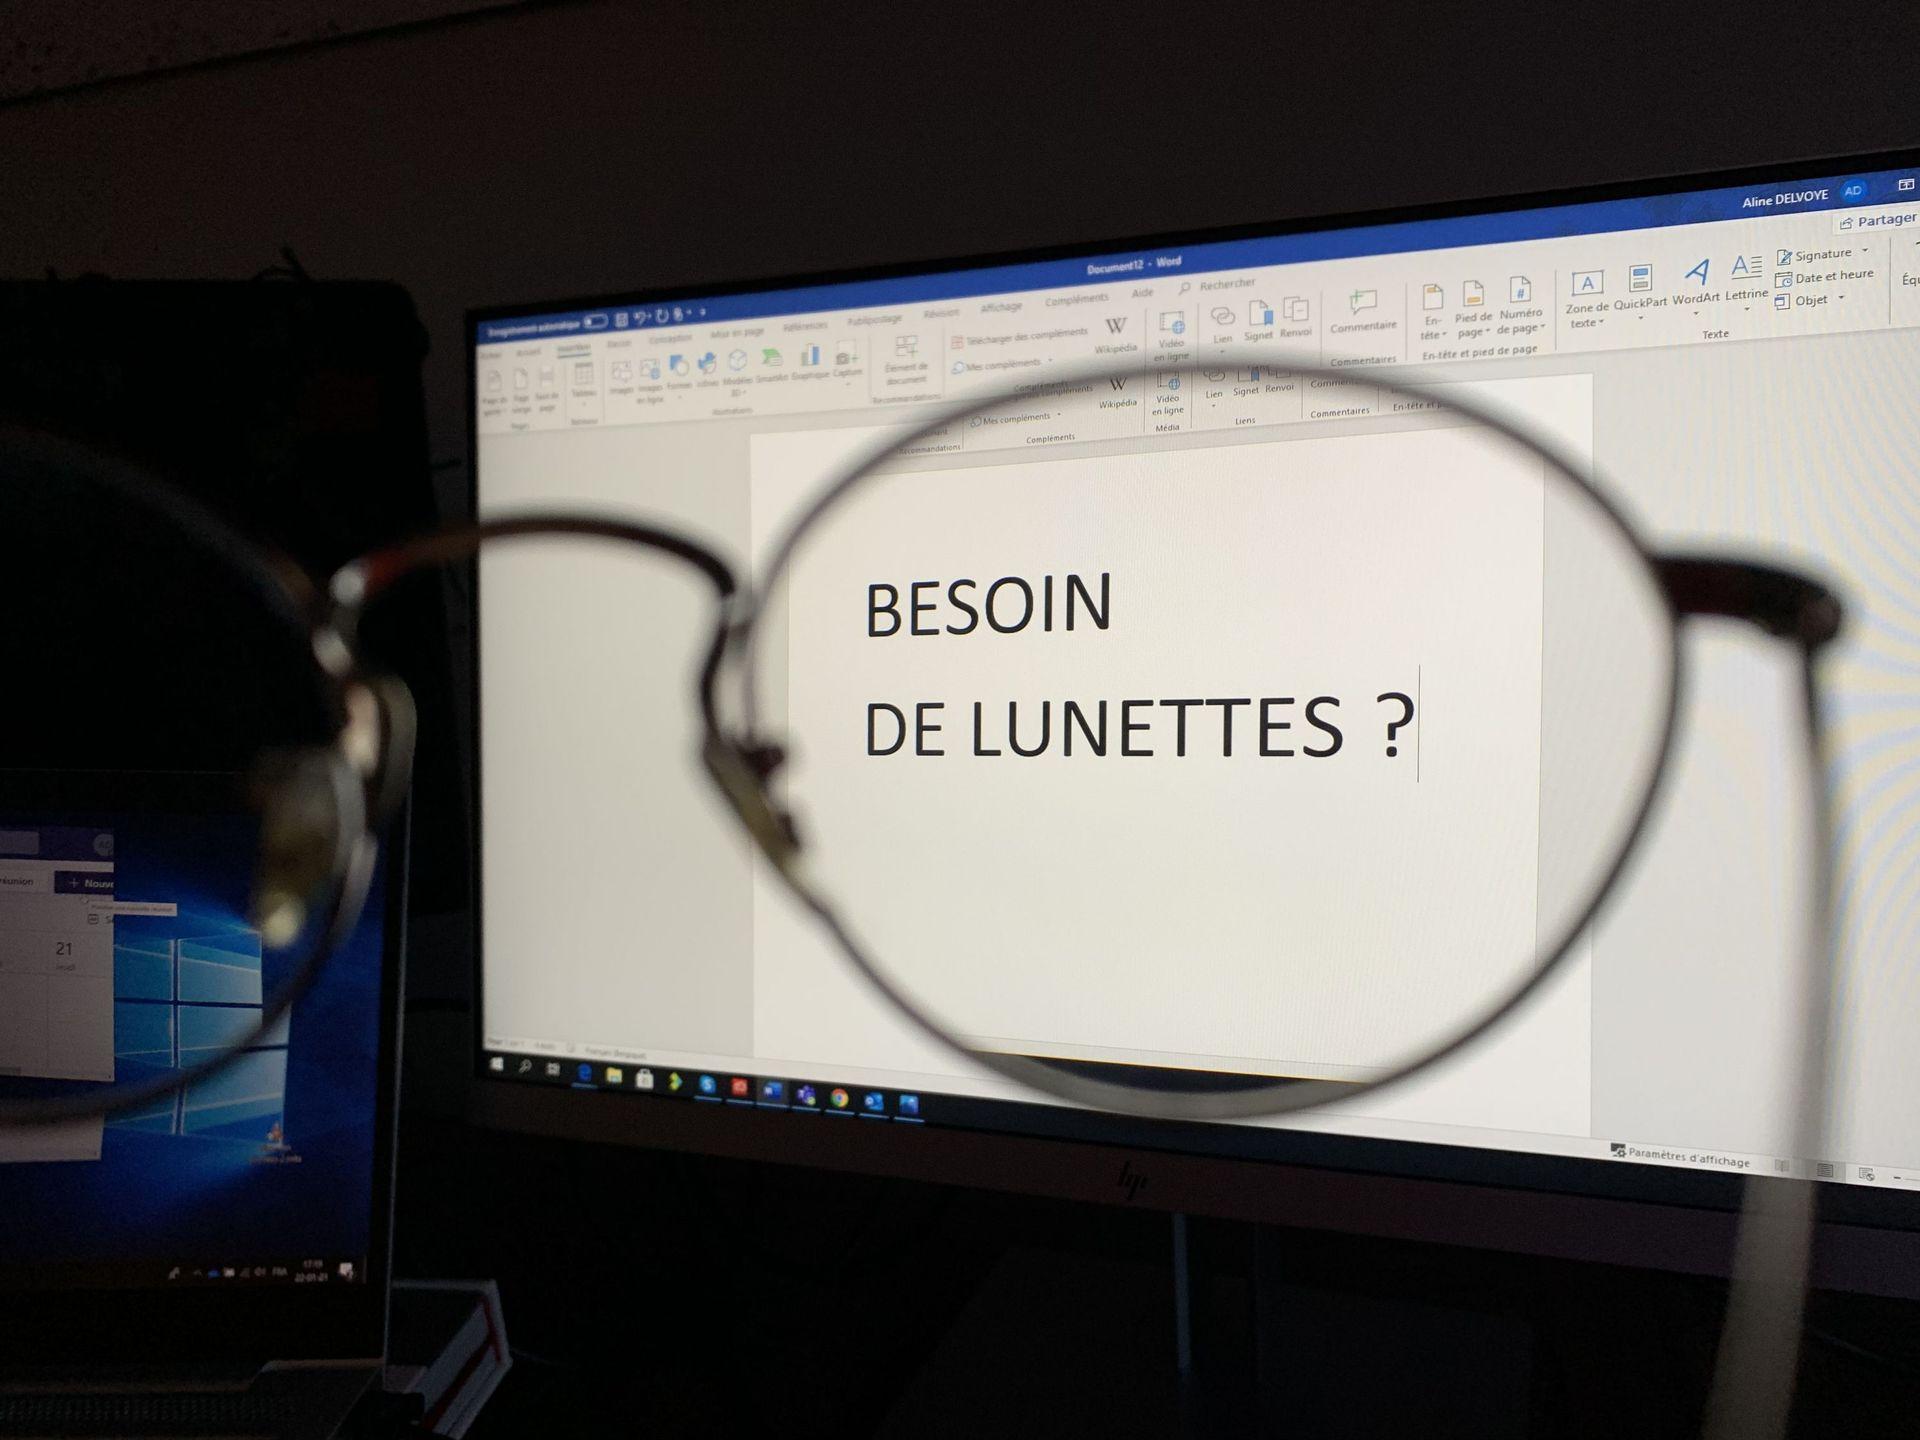 când se numește viziune diferită antrenament ocular pentru îmbunătățirea vederii online